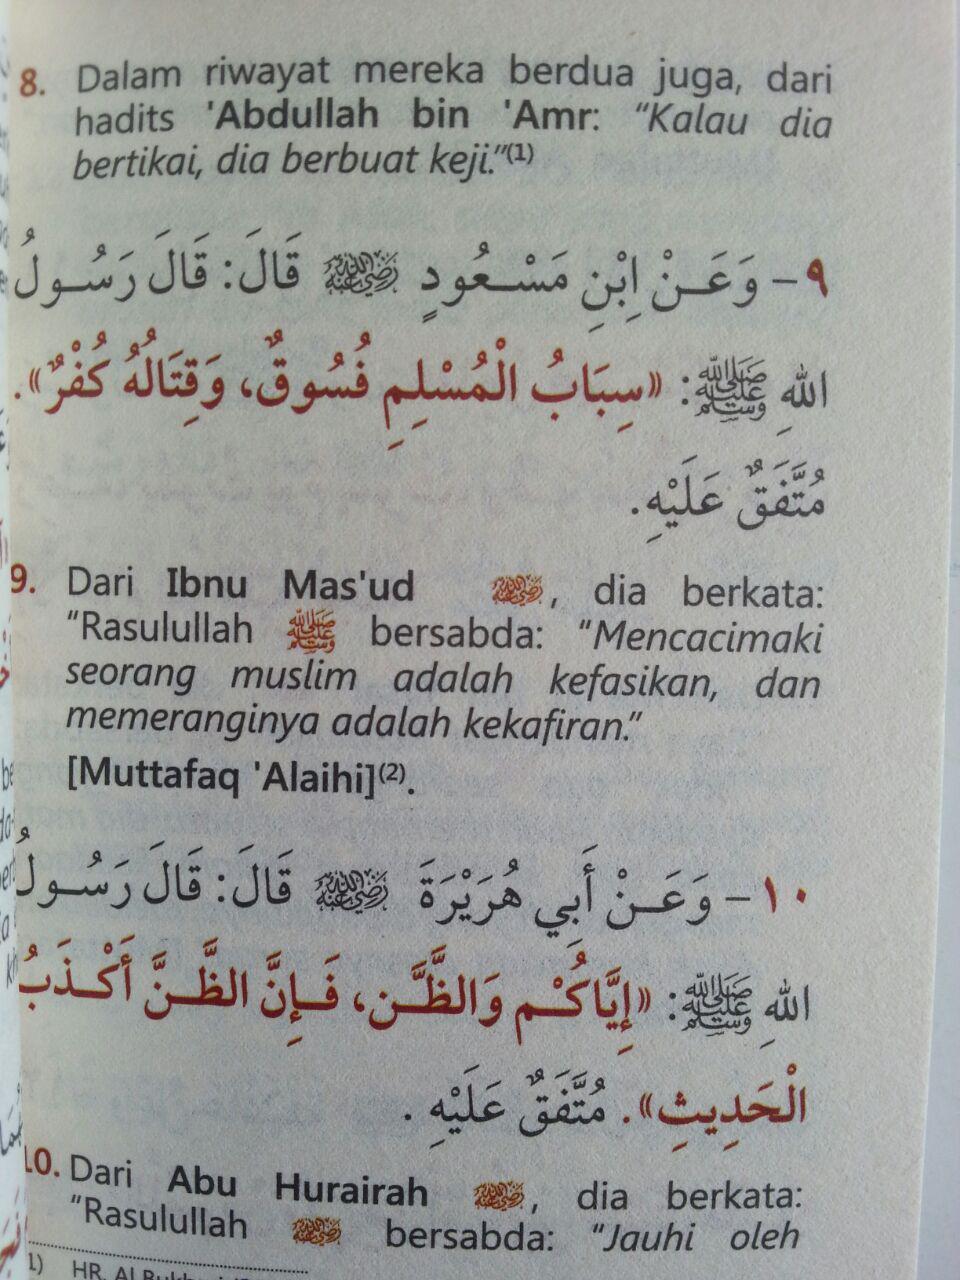 Buku Saku Terjemah Kitabul Jami Dari Bulughul Maram isi 3